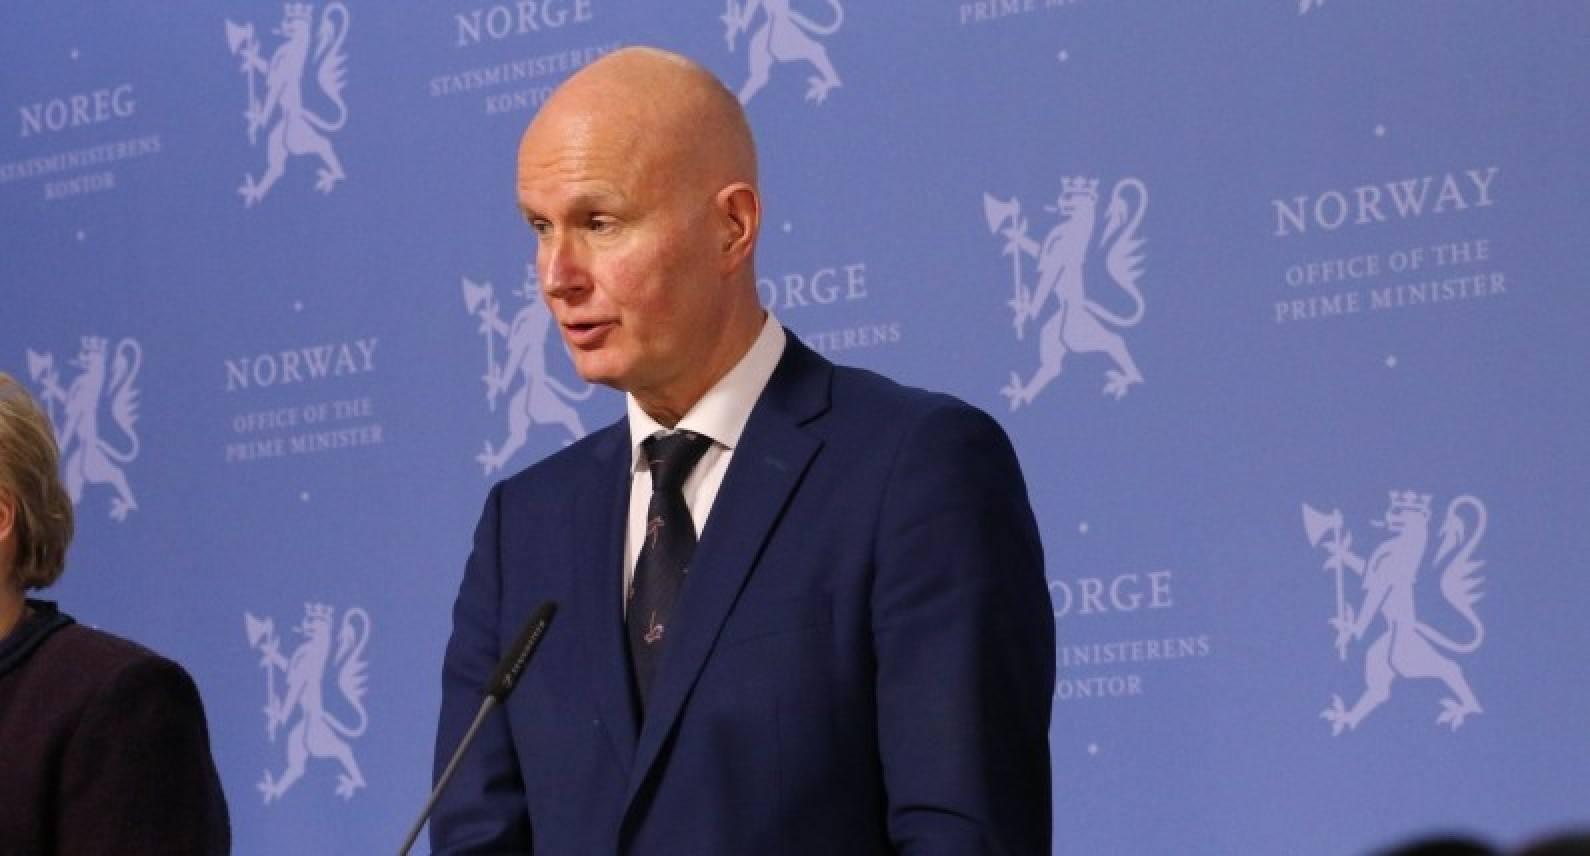 Jest nadzieja na otwarcie Norwegii przed końcem 2021. Władze ds. zdrowia opracowują plan działania